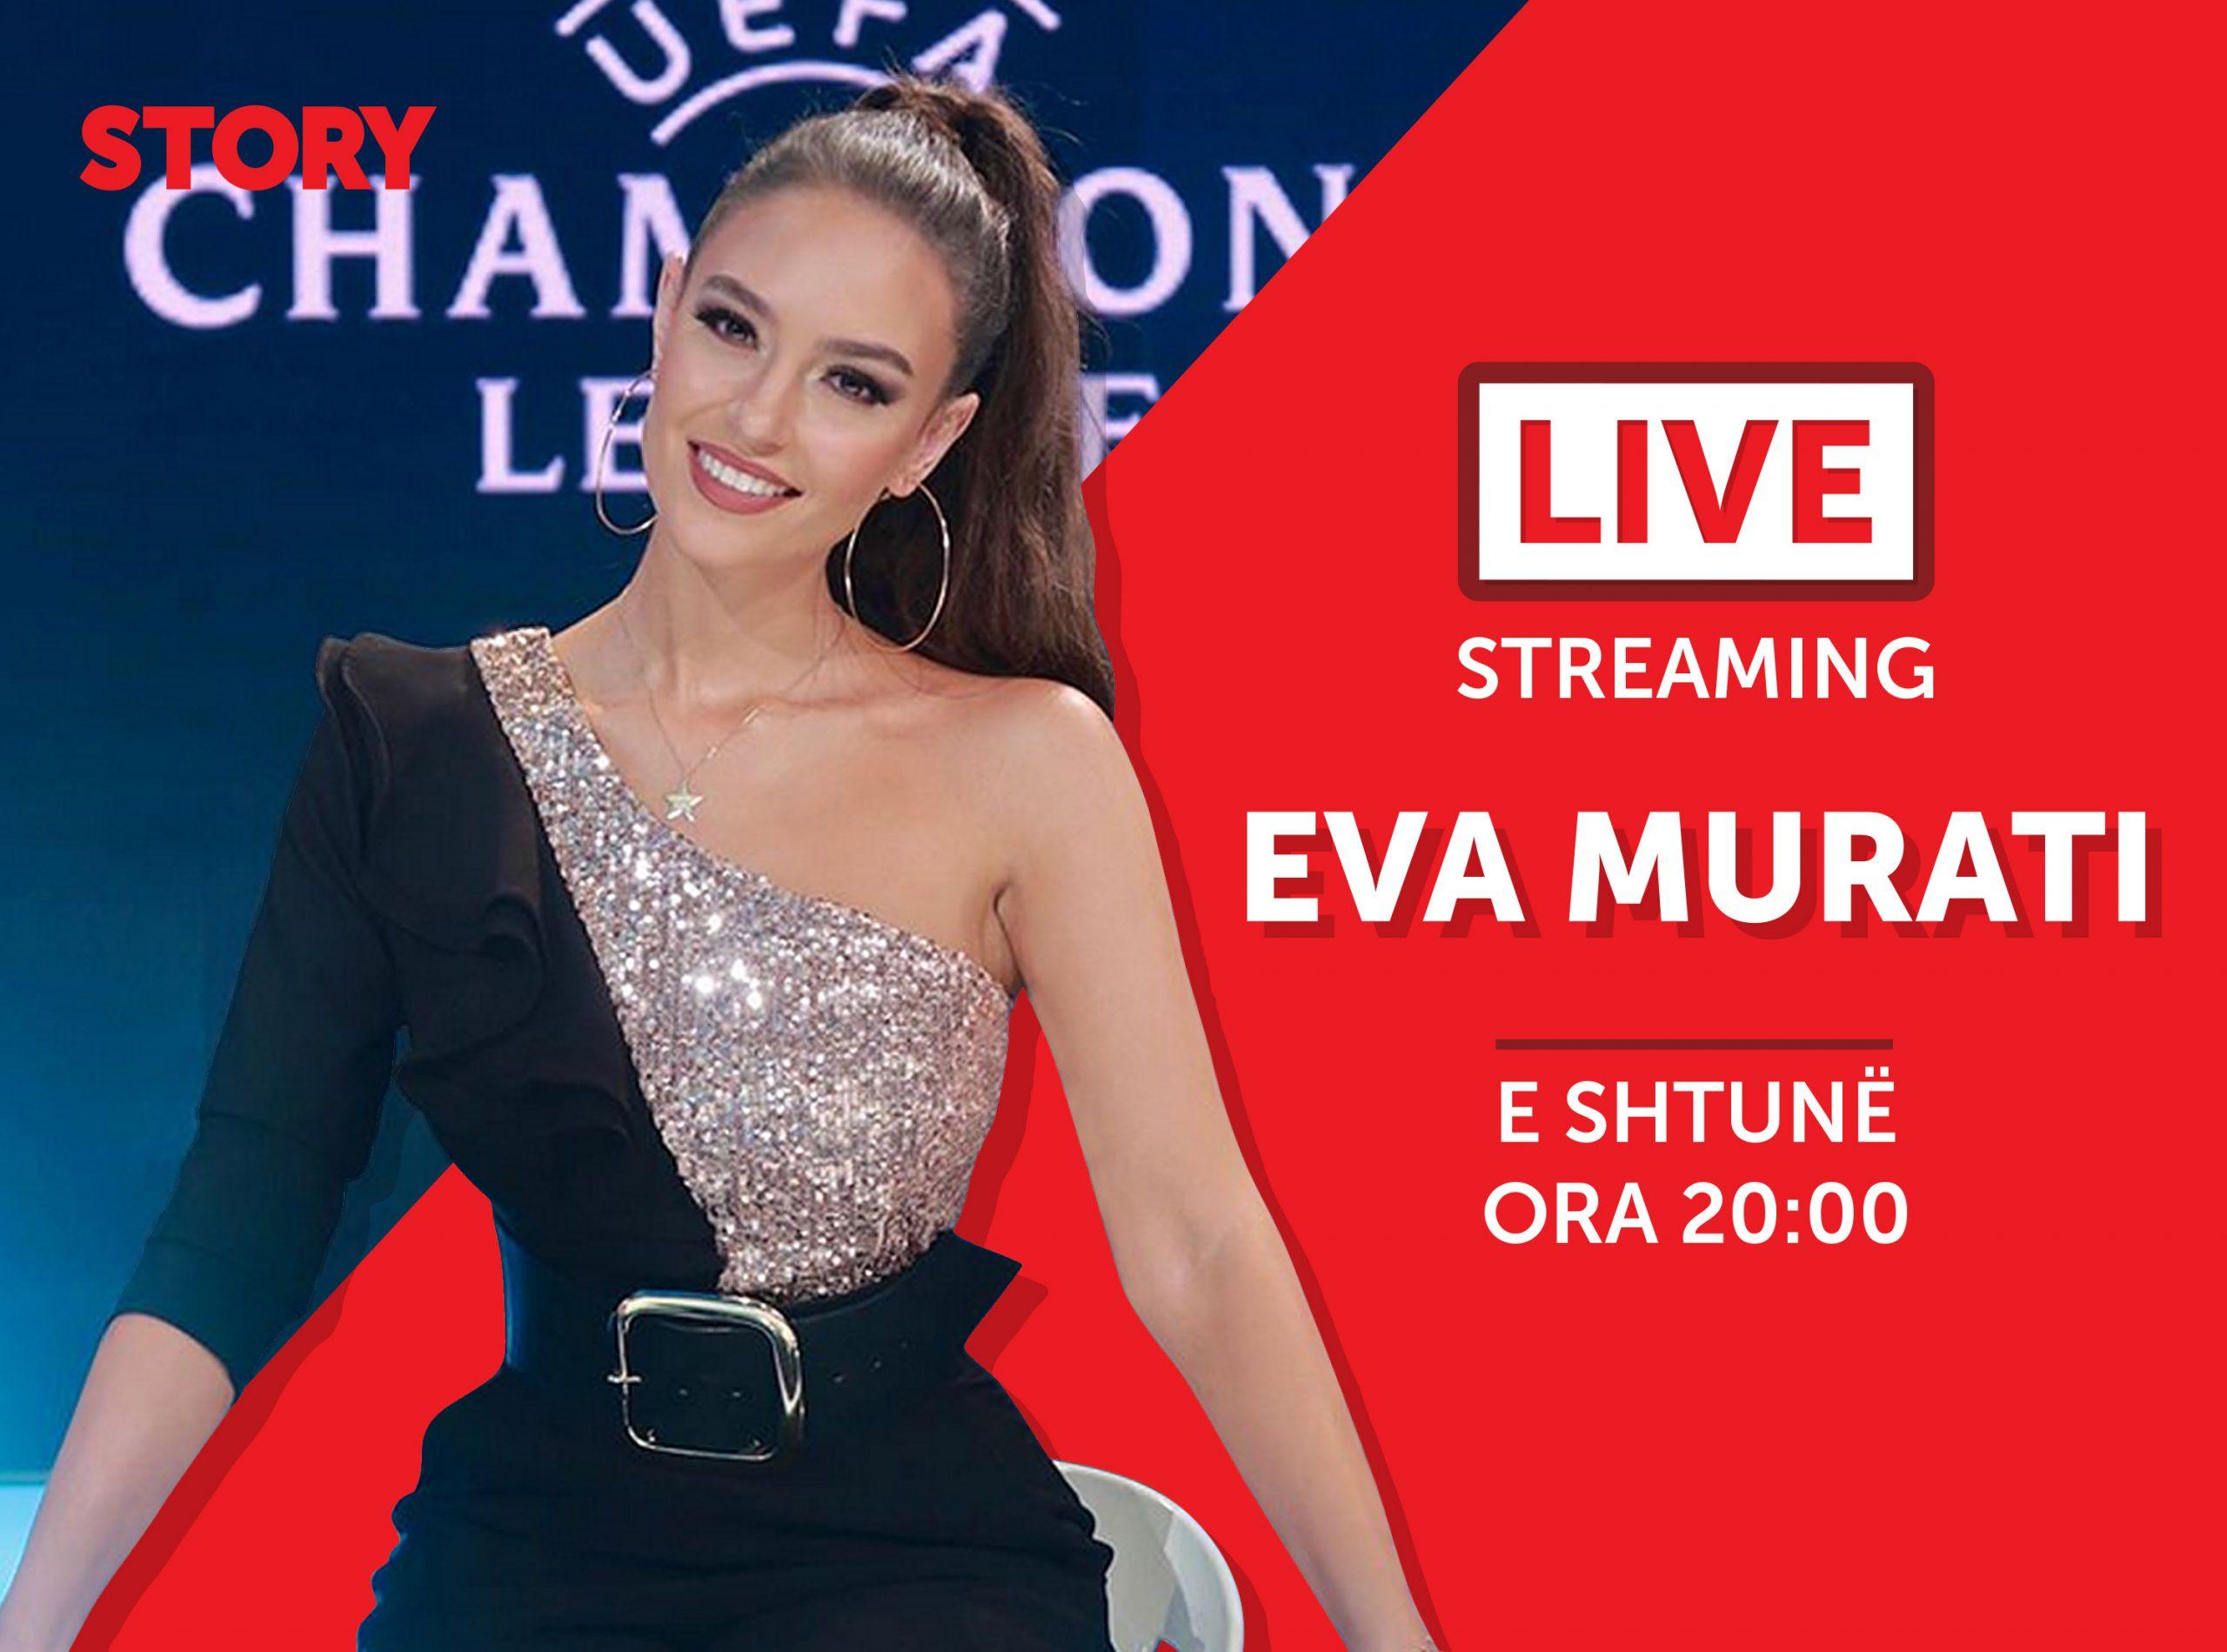 Eva Murati në një rrëfim ekskluziv live për STORY